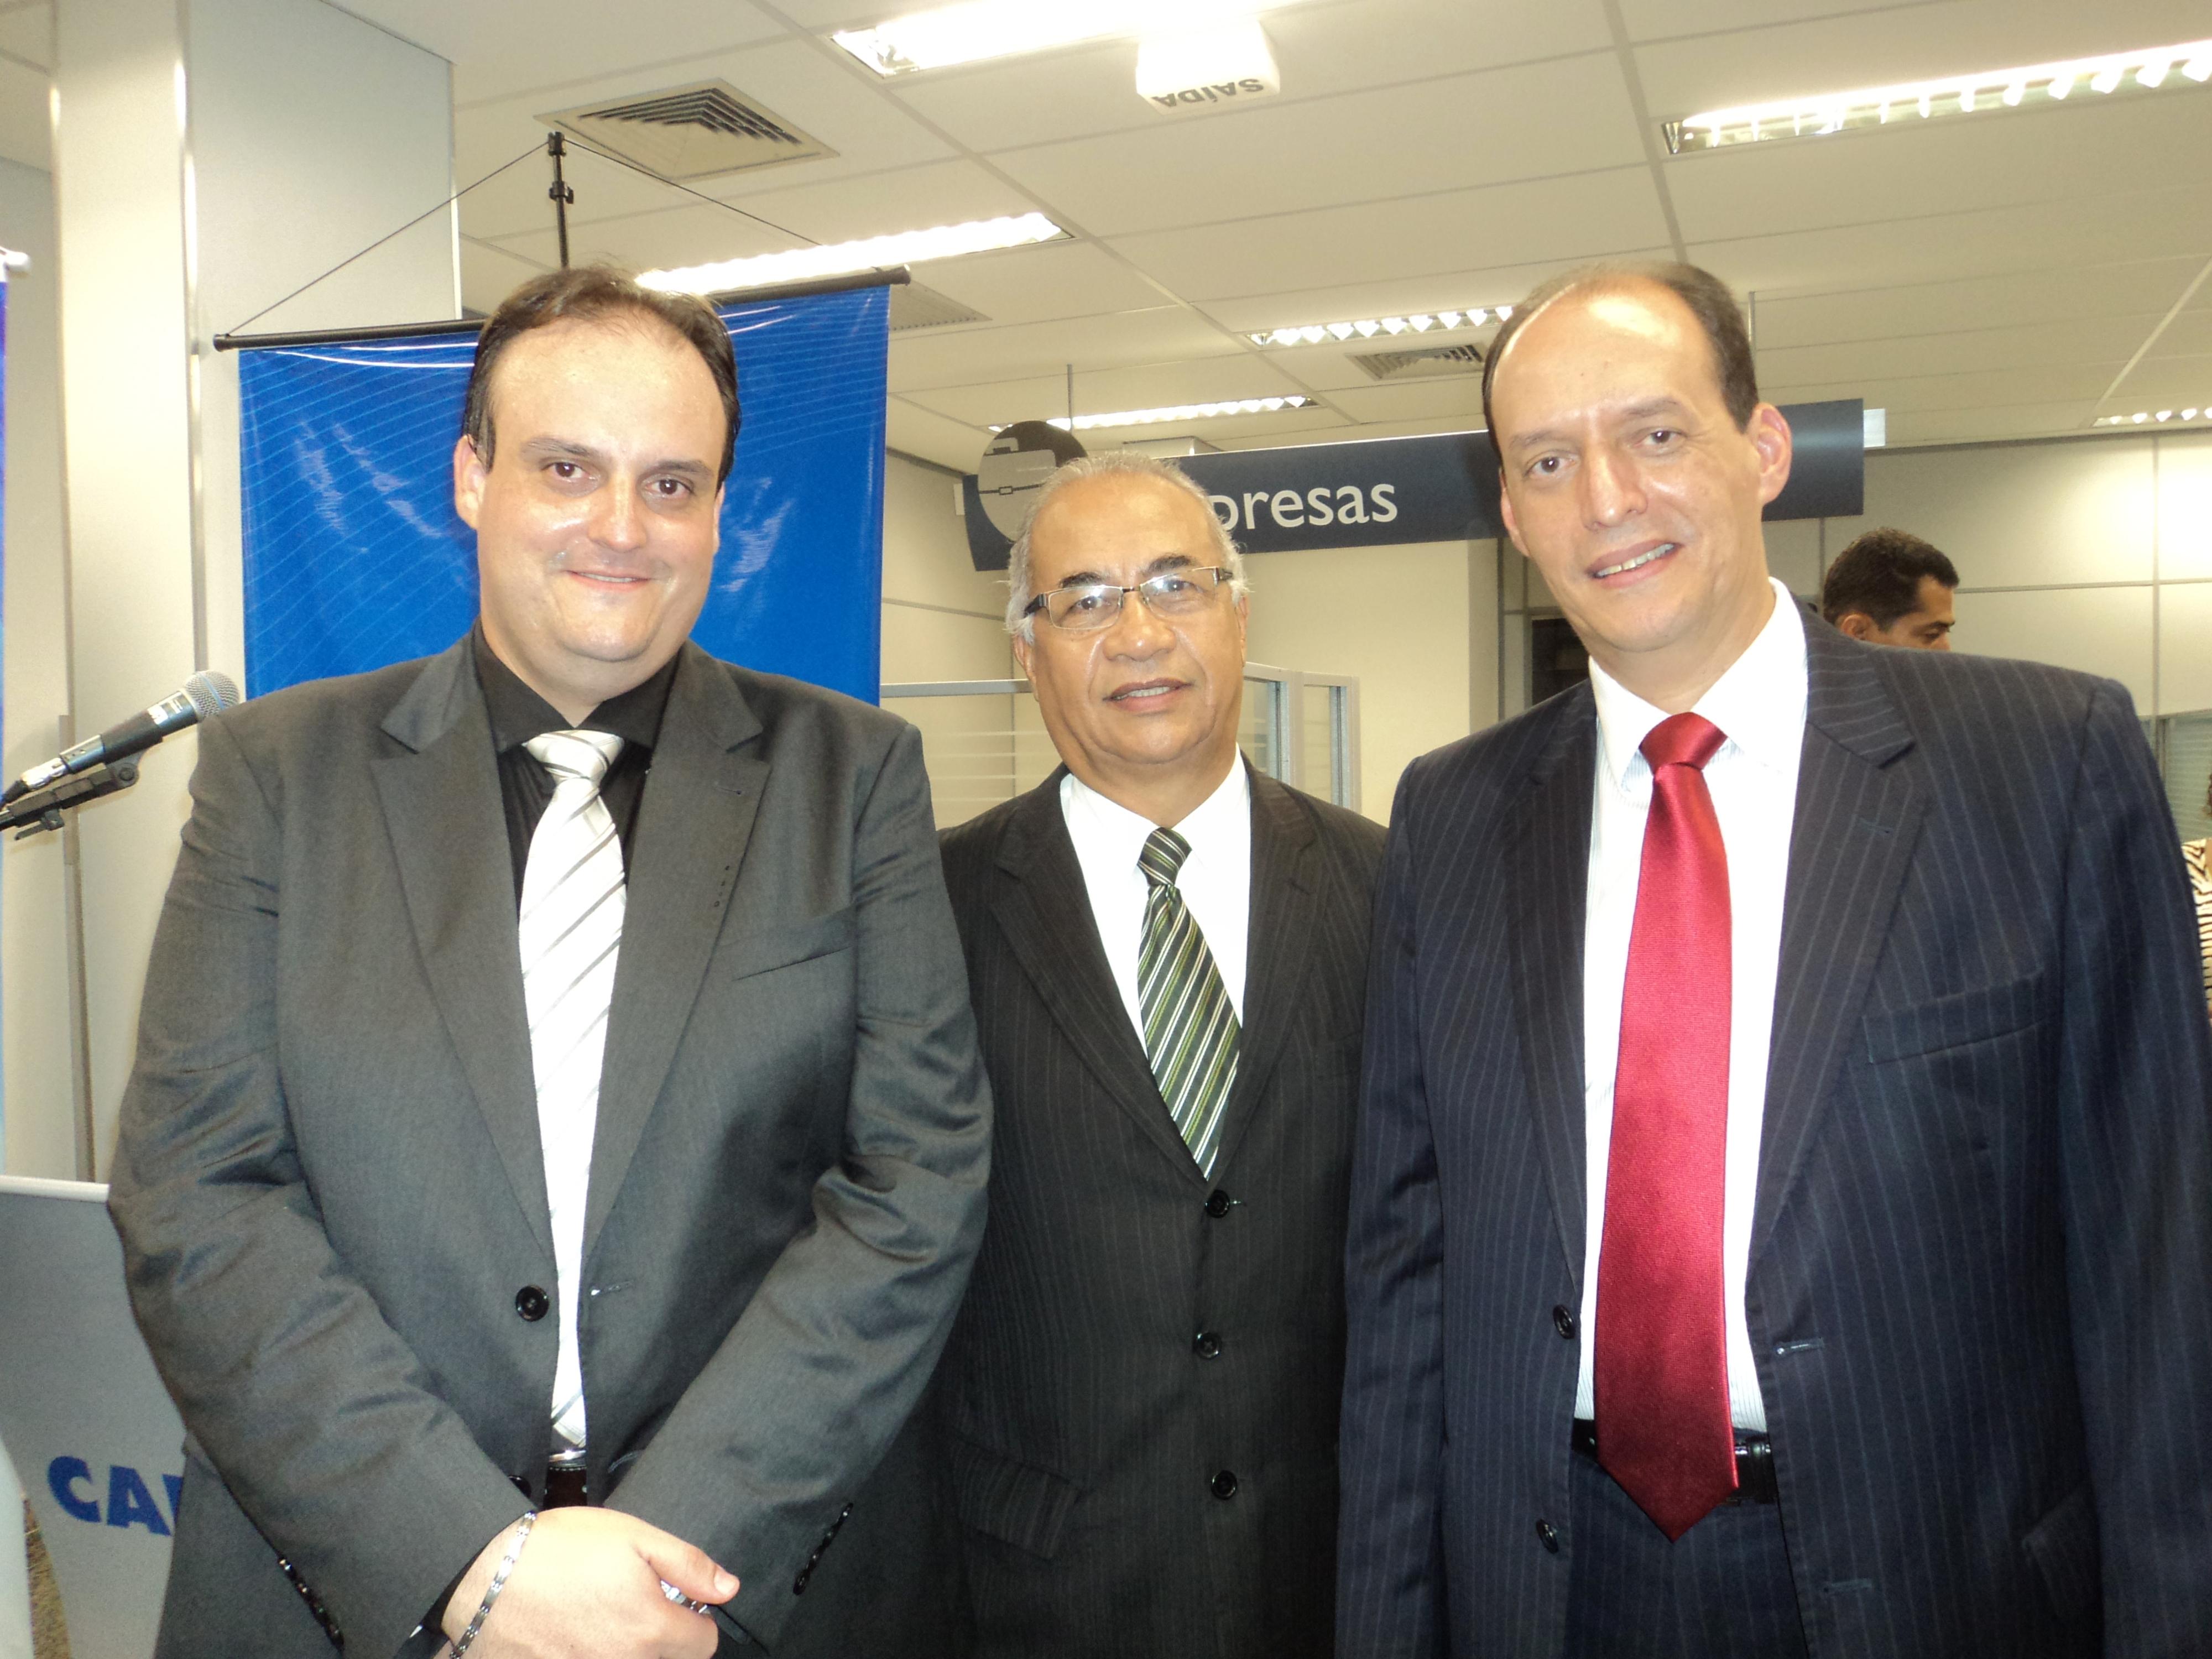 foto de tulio com o gerente Zezinho e o Superintende da Caixa Mauricio